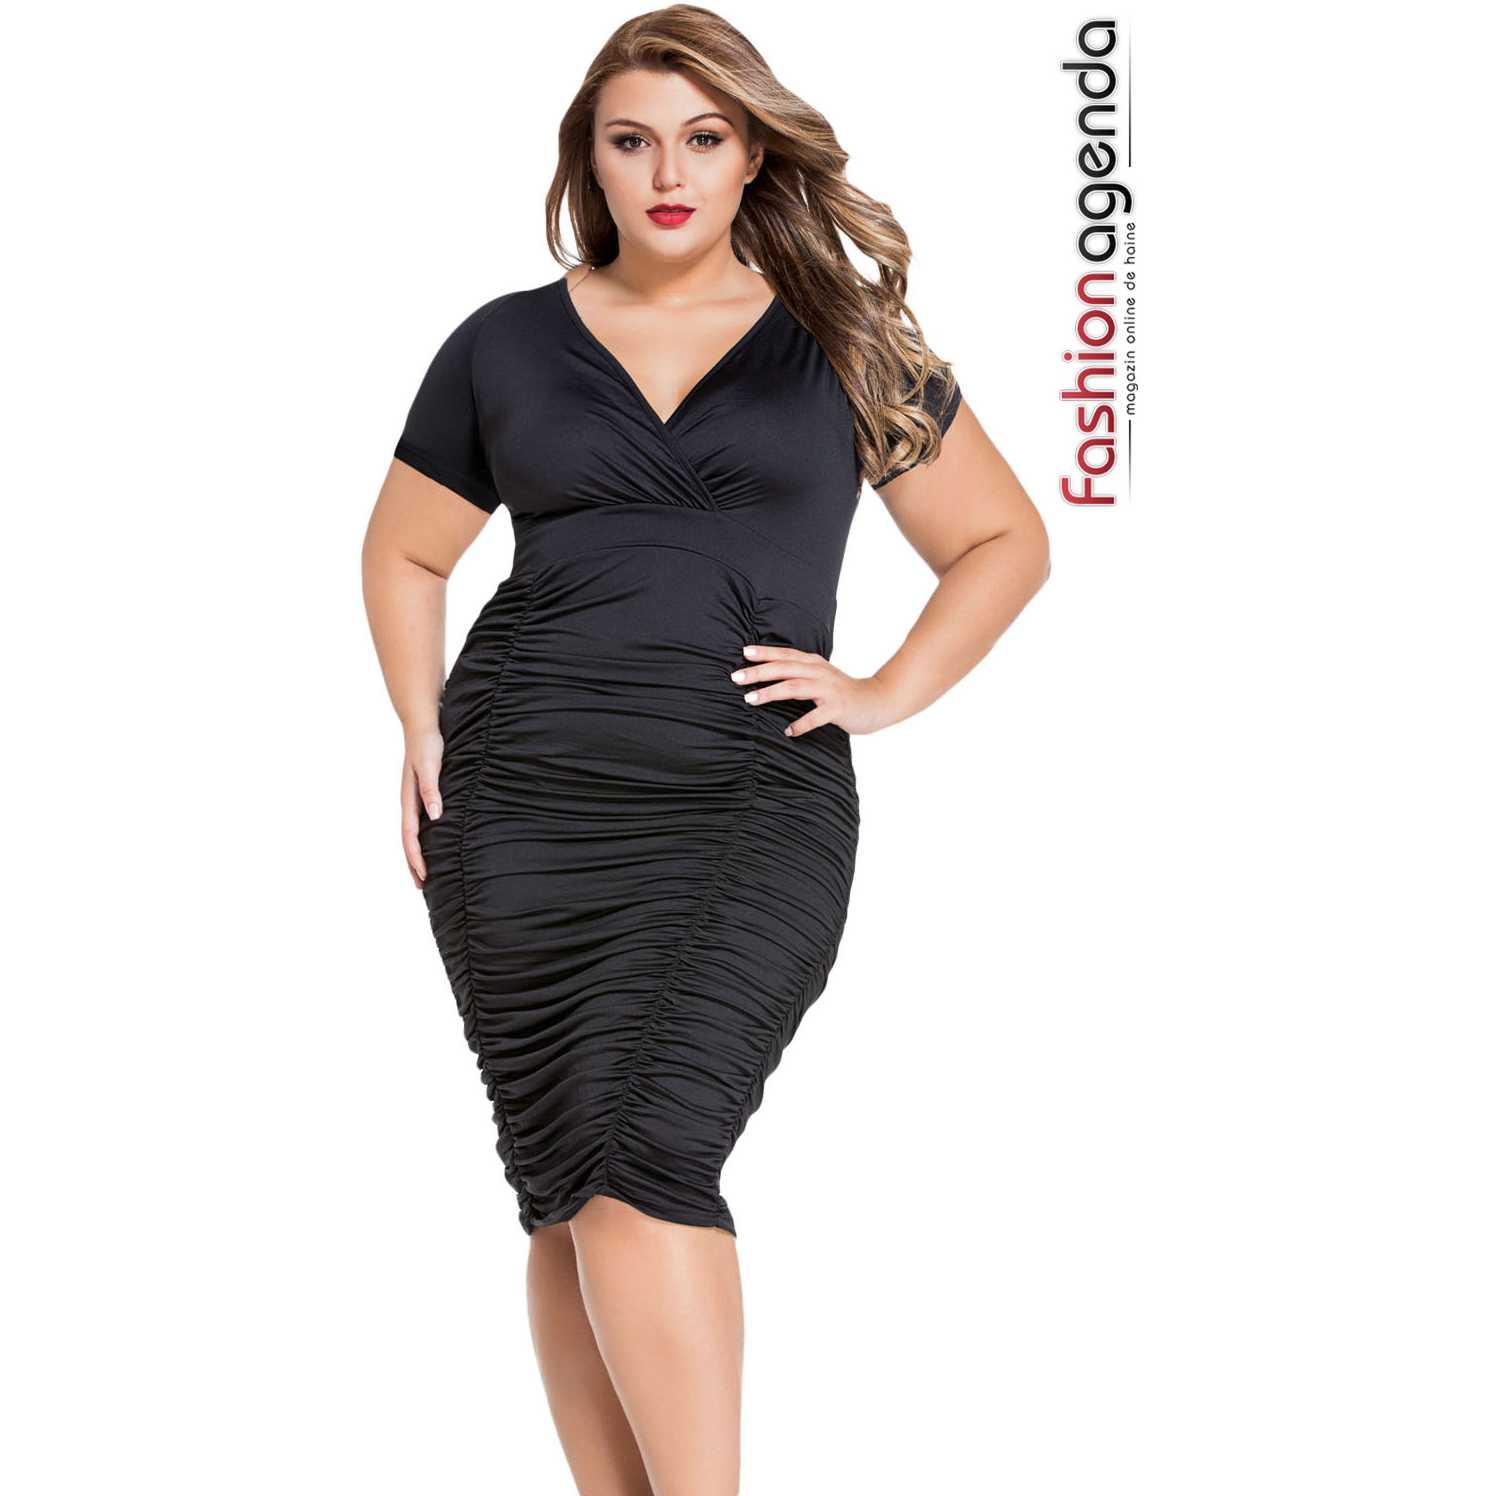 Rochie XXL Desire 63 Black